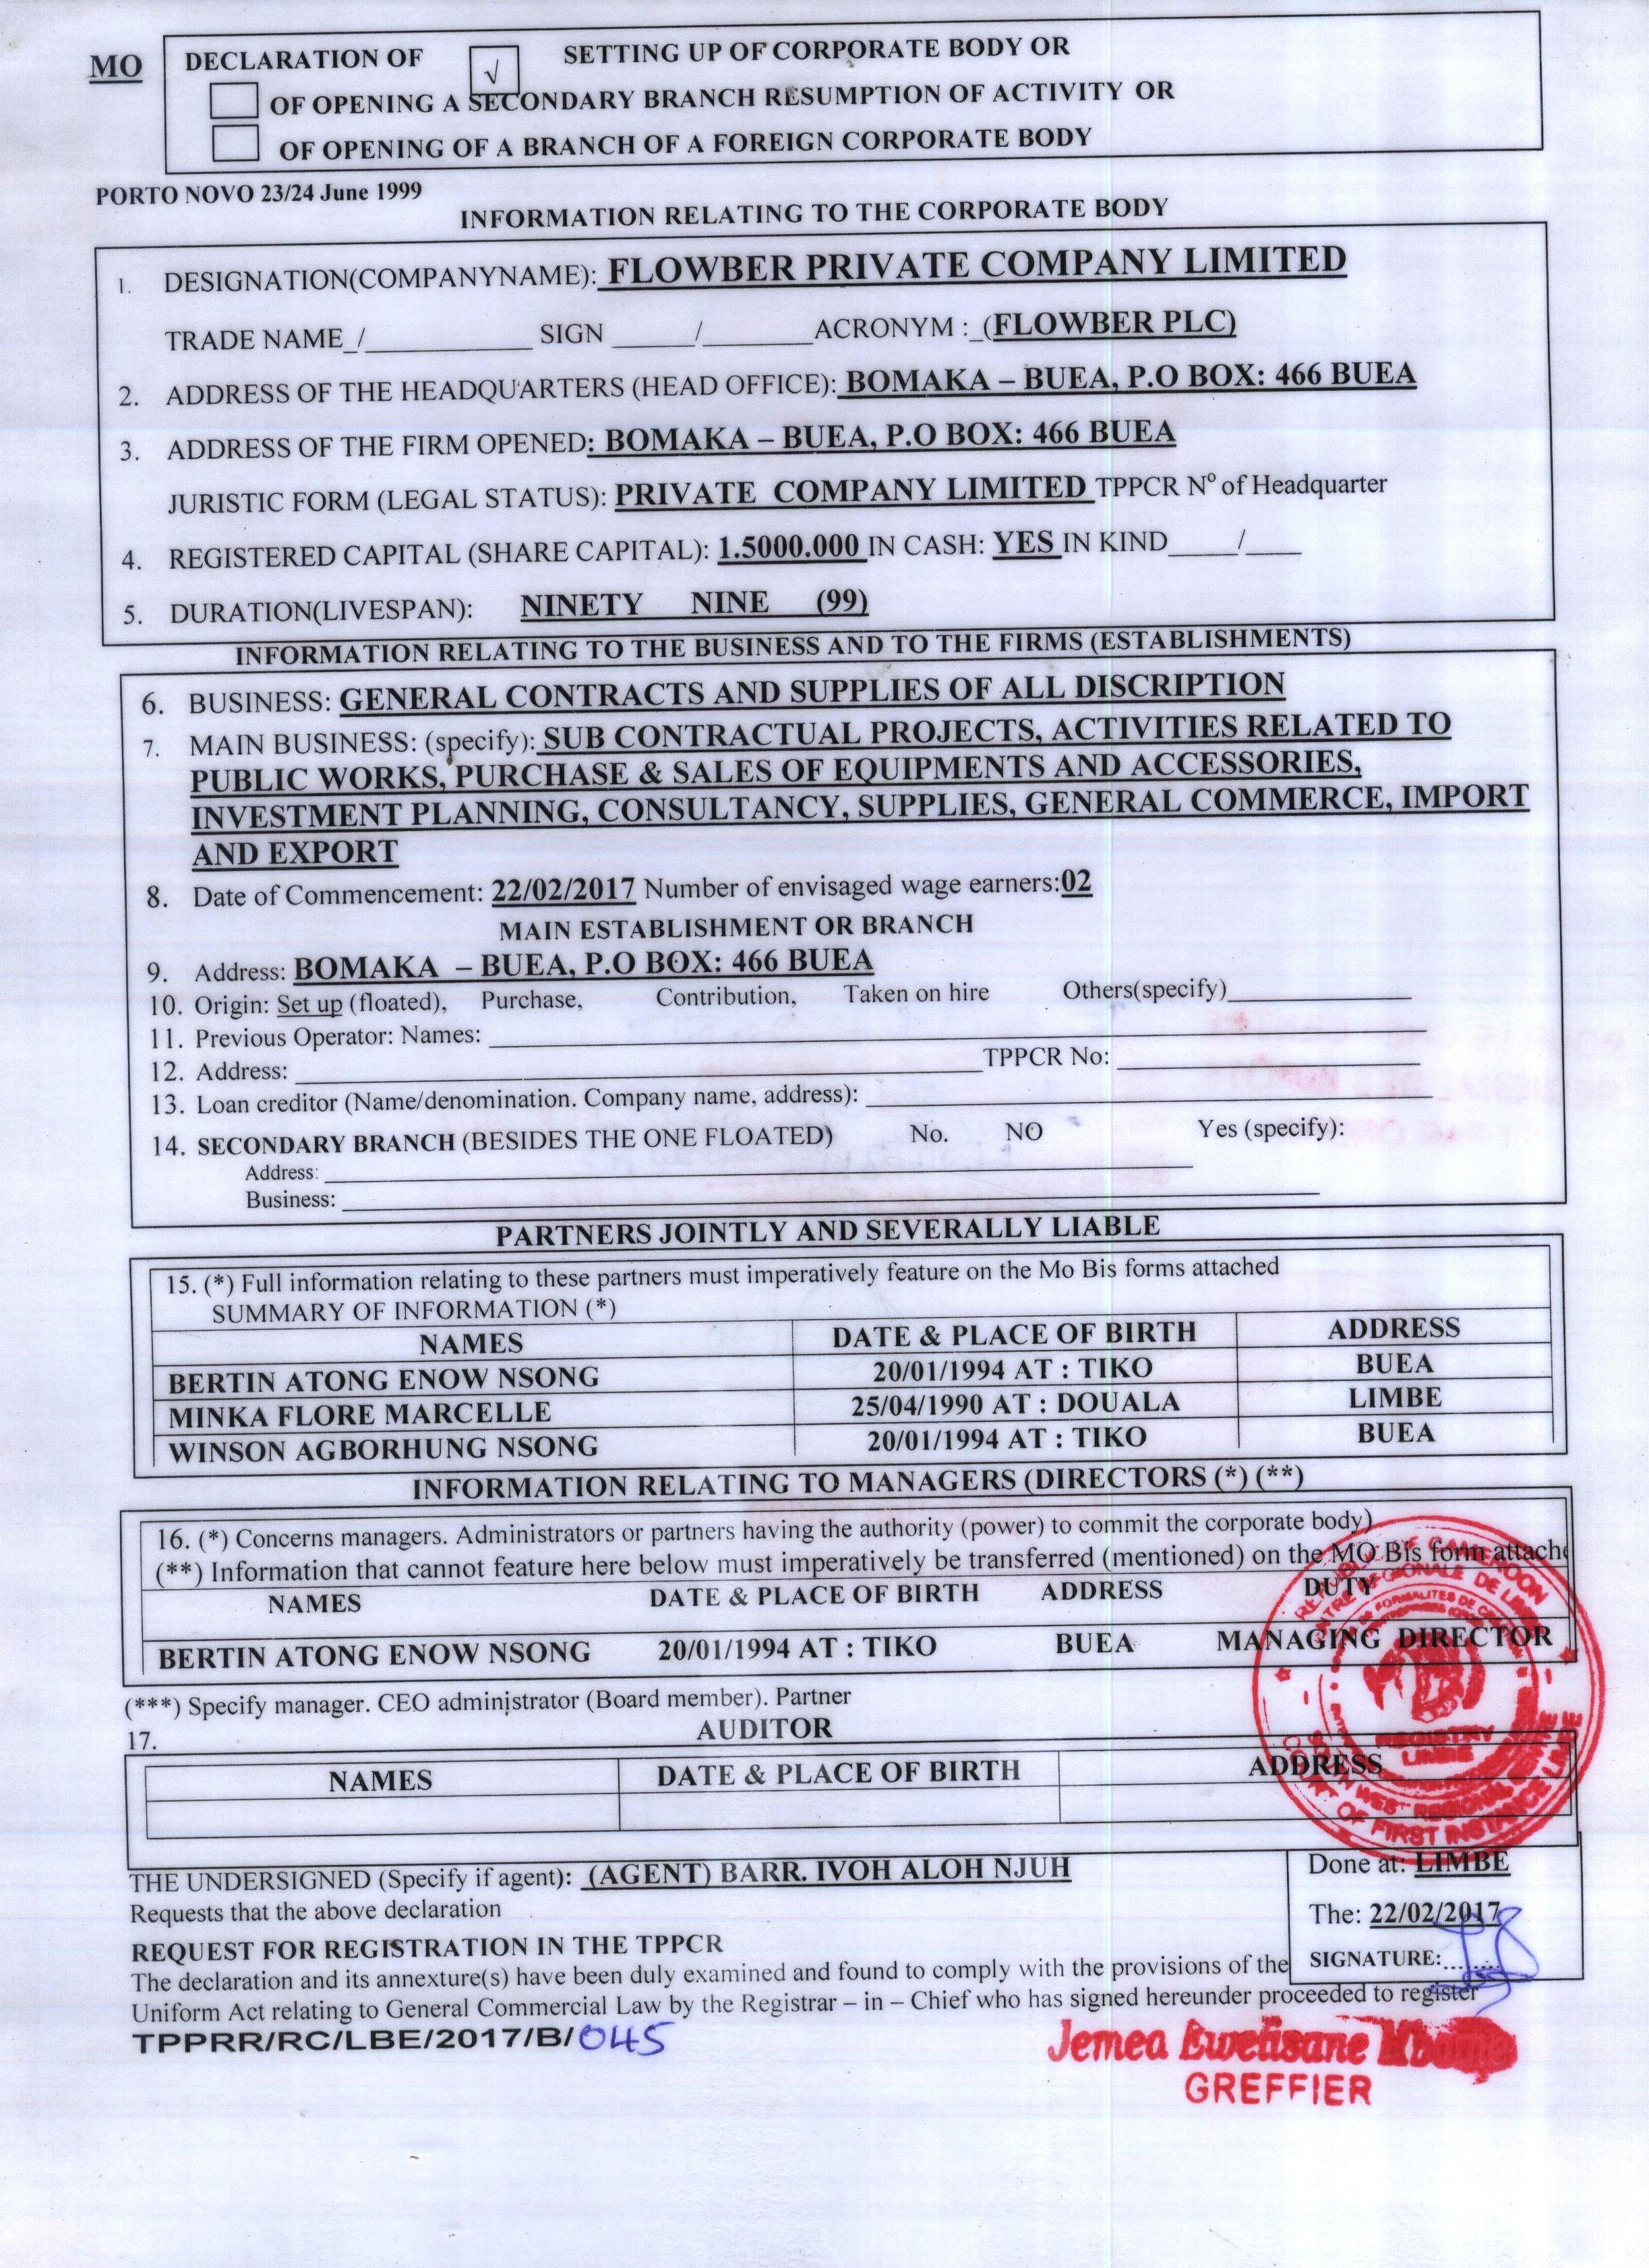 Registration into the Trade Registry (TPPCR)